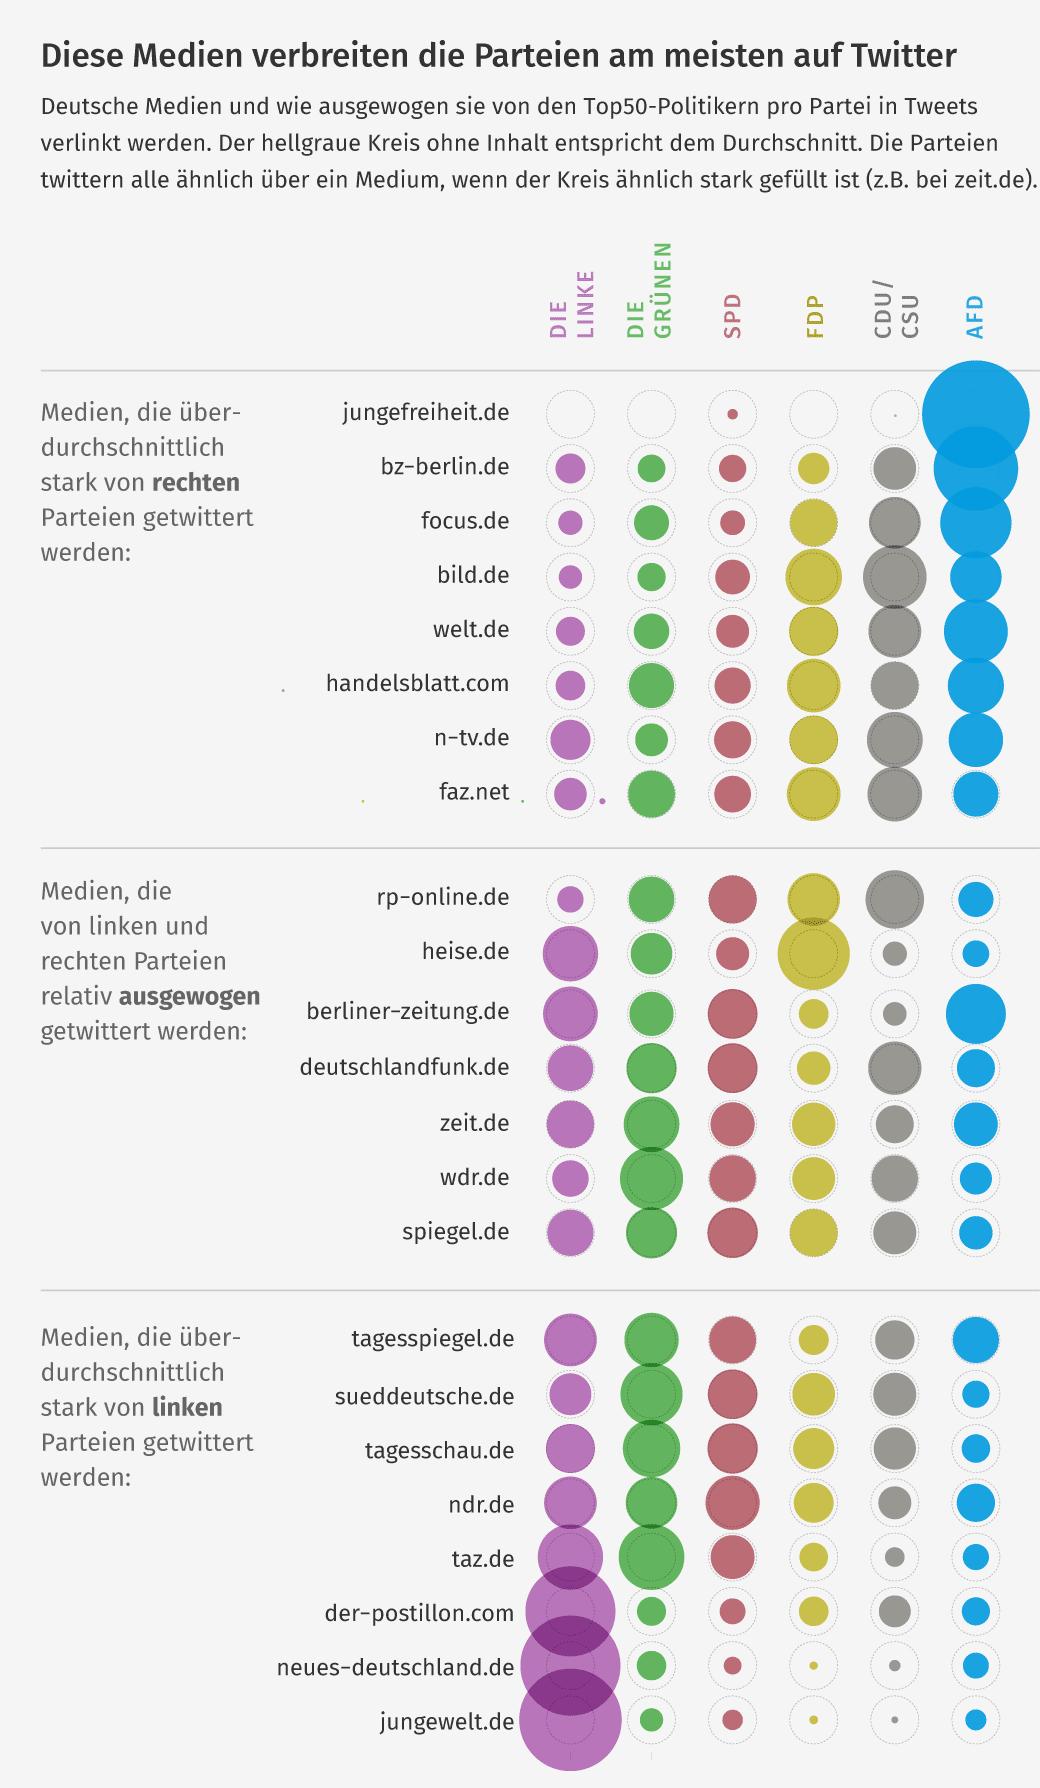 Rechtspopulismus – netzpolitik.org